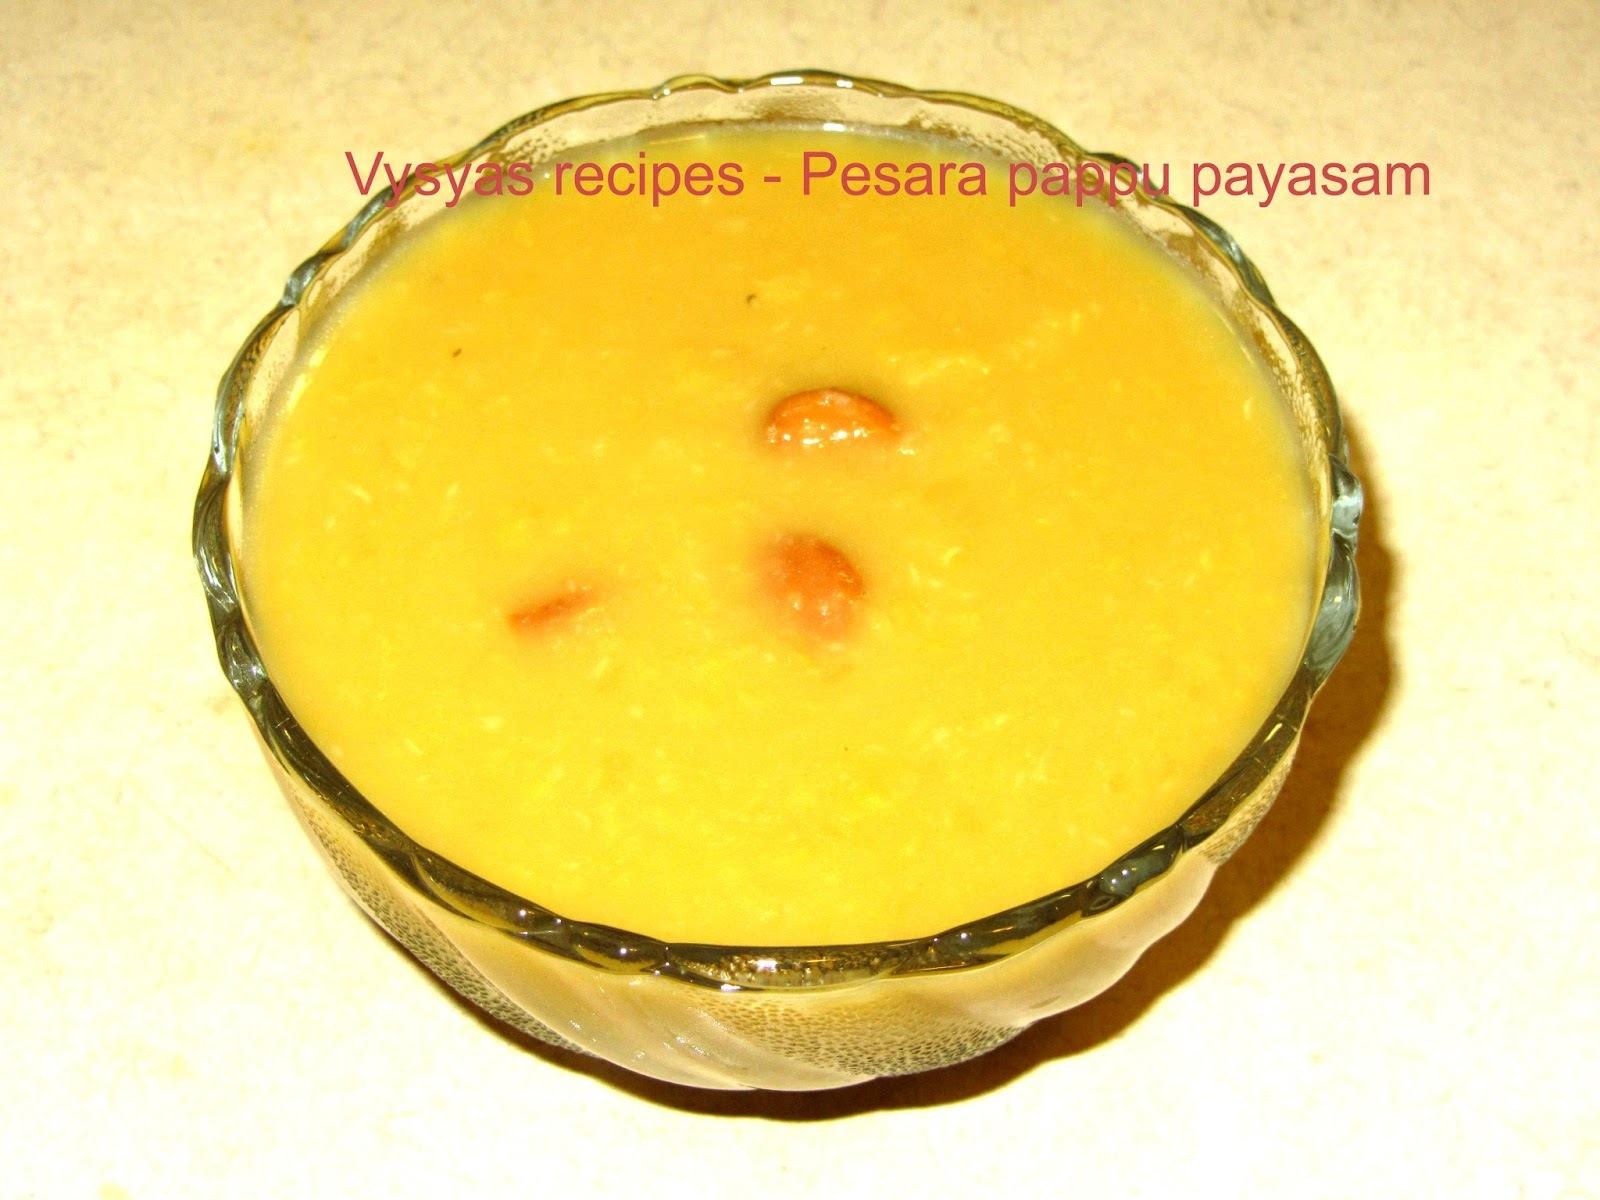 Pesarapappu payasam - With Step by Step Pictures - Pasi paruppu payasam - Moong Dal Kheer